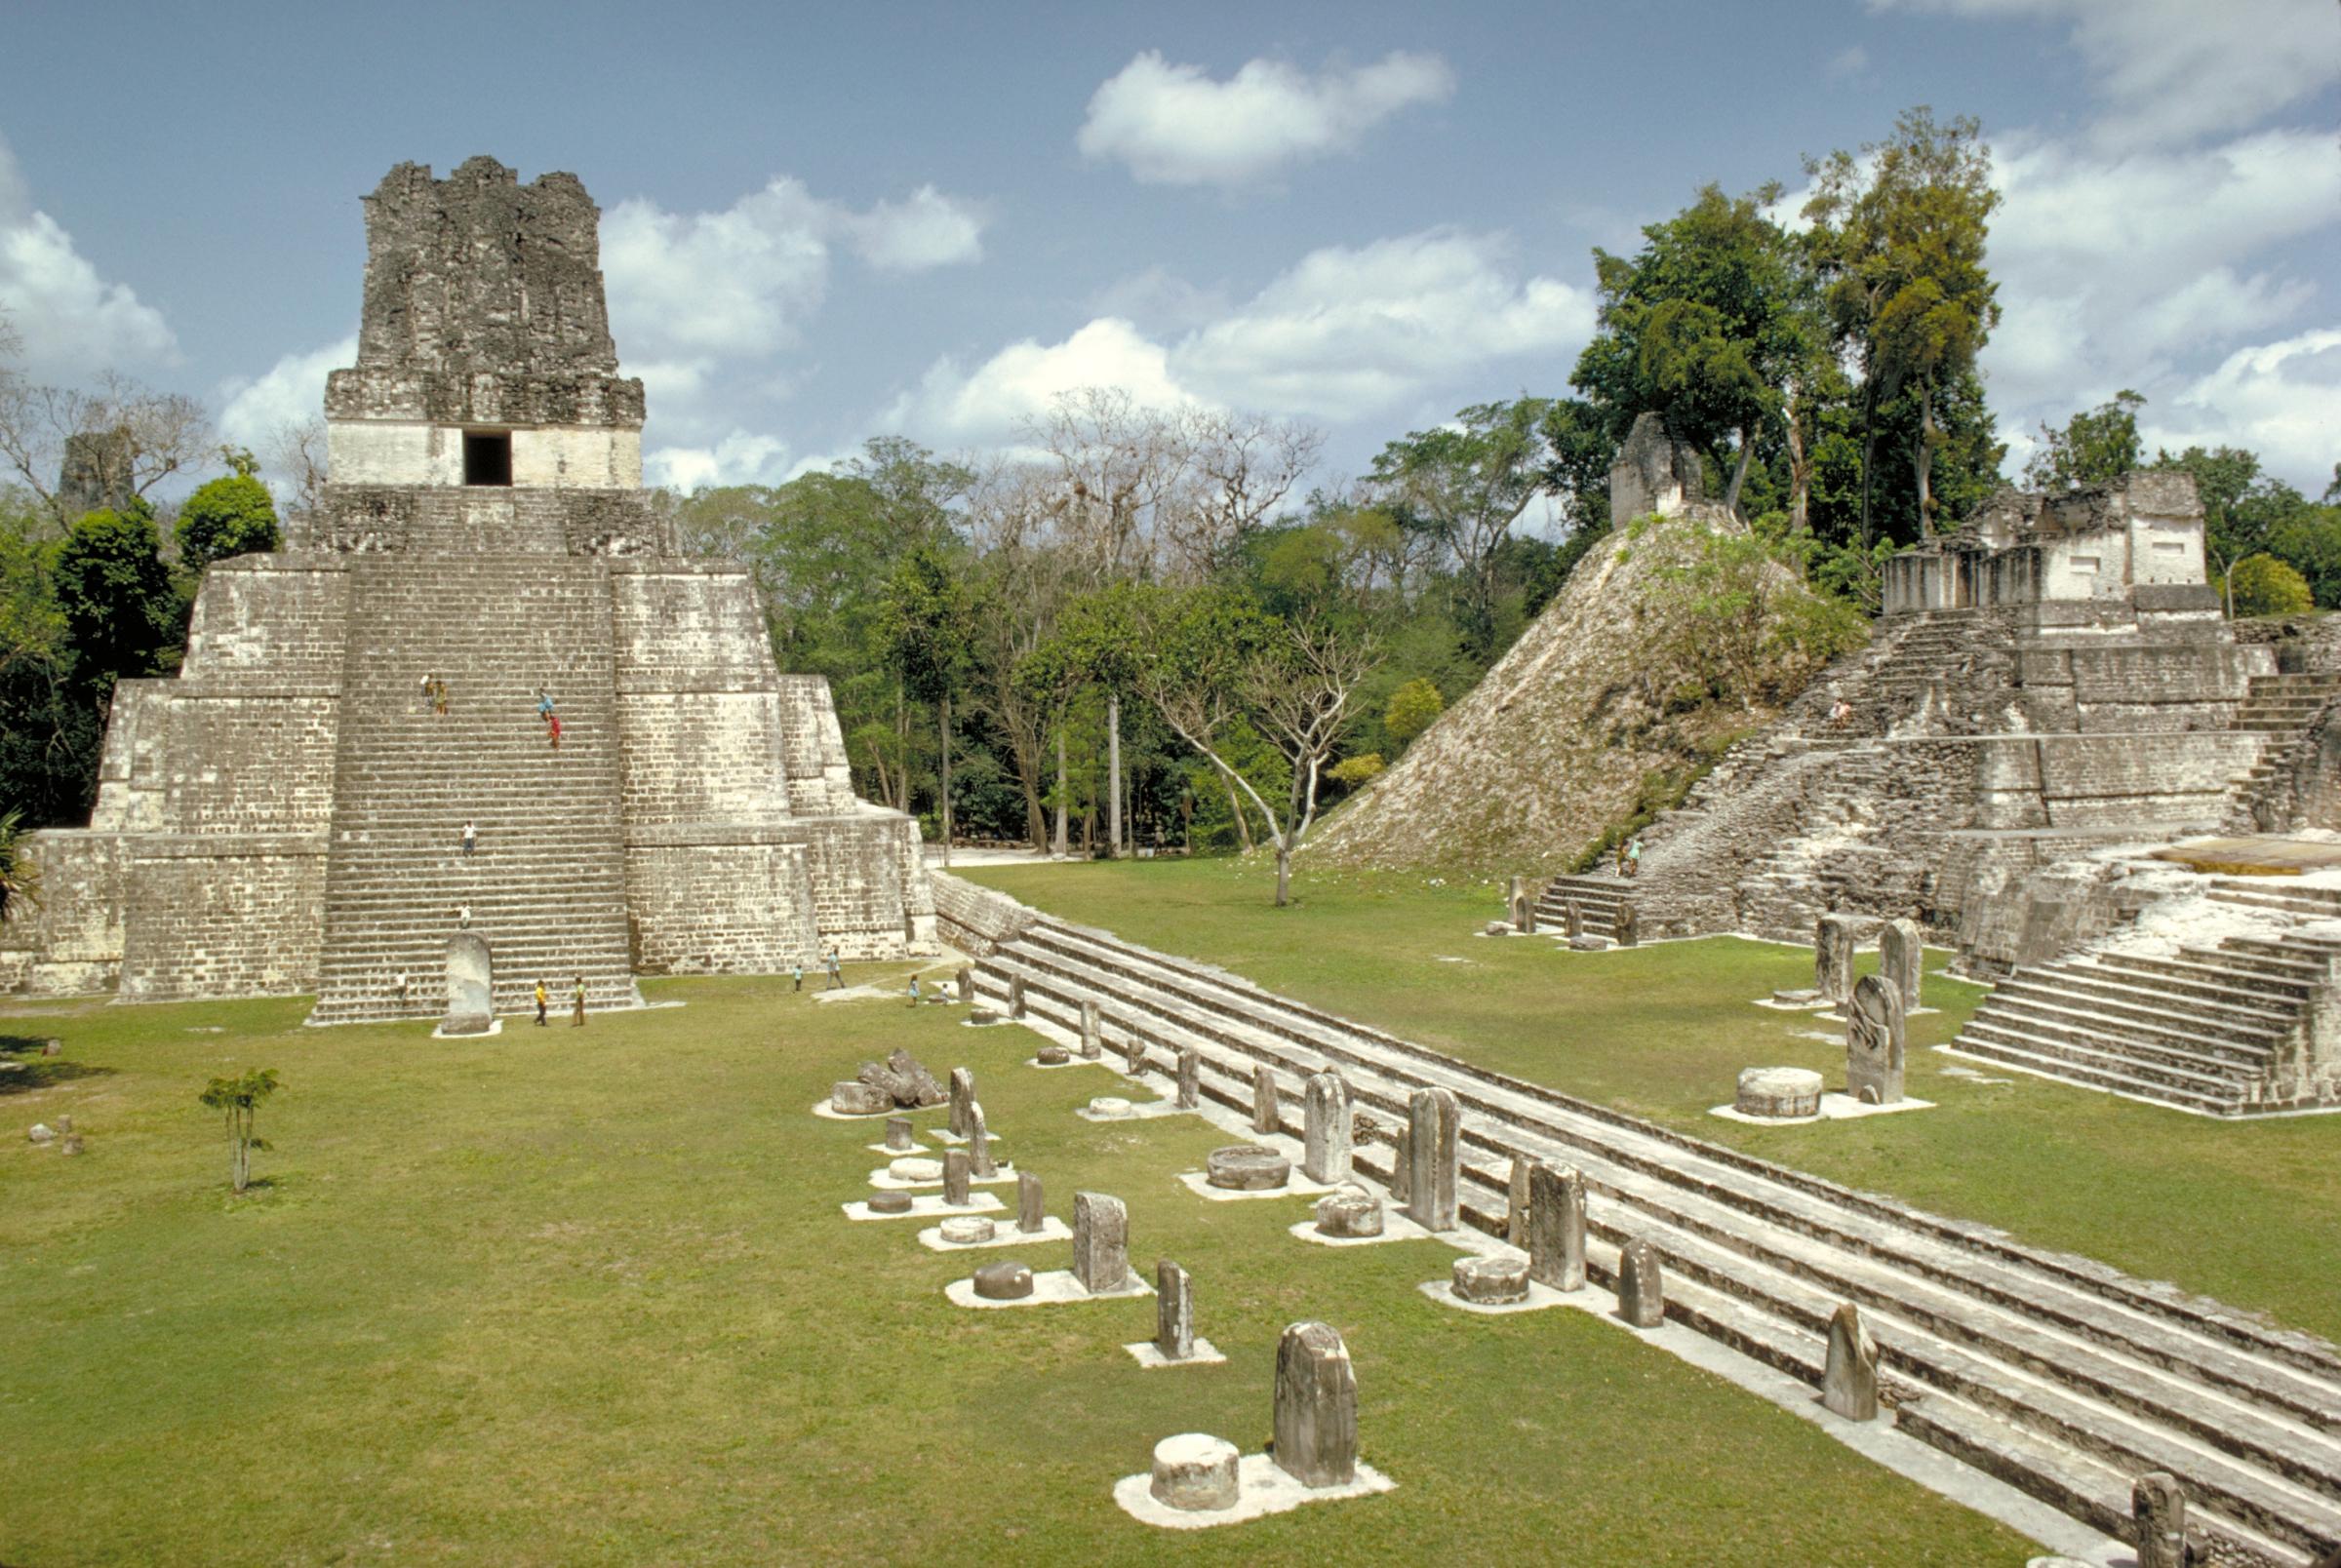 העיר העתיקה טיקאל, משמאל בקטן: צילום באמצעות מיקרוסקופ אלקטרונים של זאוליט, spl